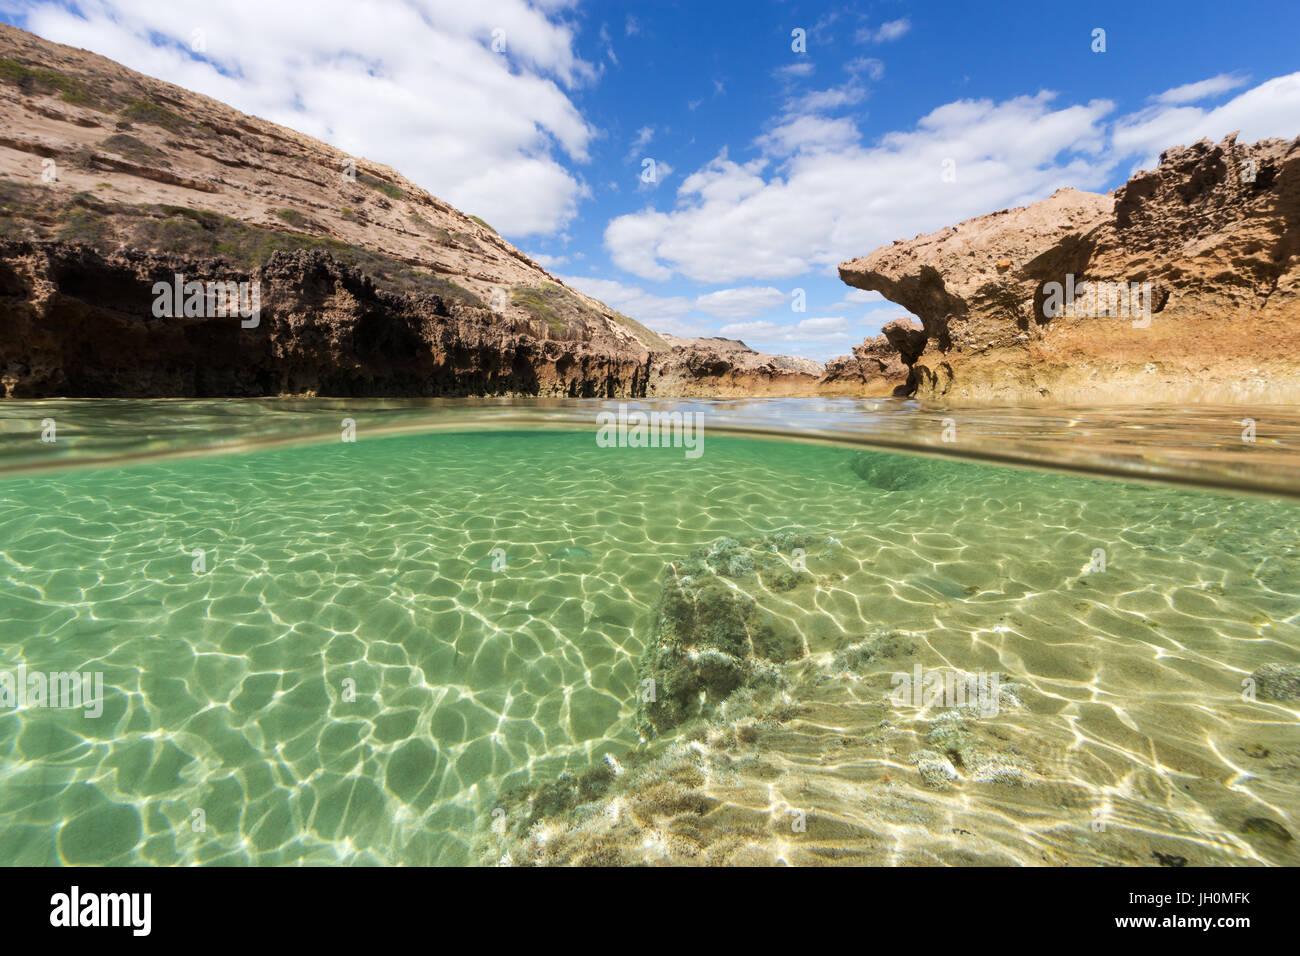 Eine geteilte Aufnahme eines unberührten Fels-Pools auf eine isolierte Küste in Südaustralien. Stockbild